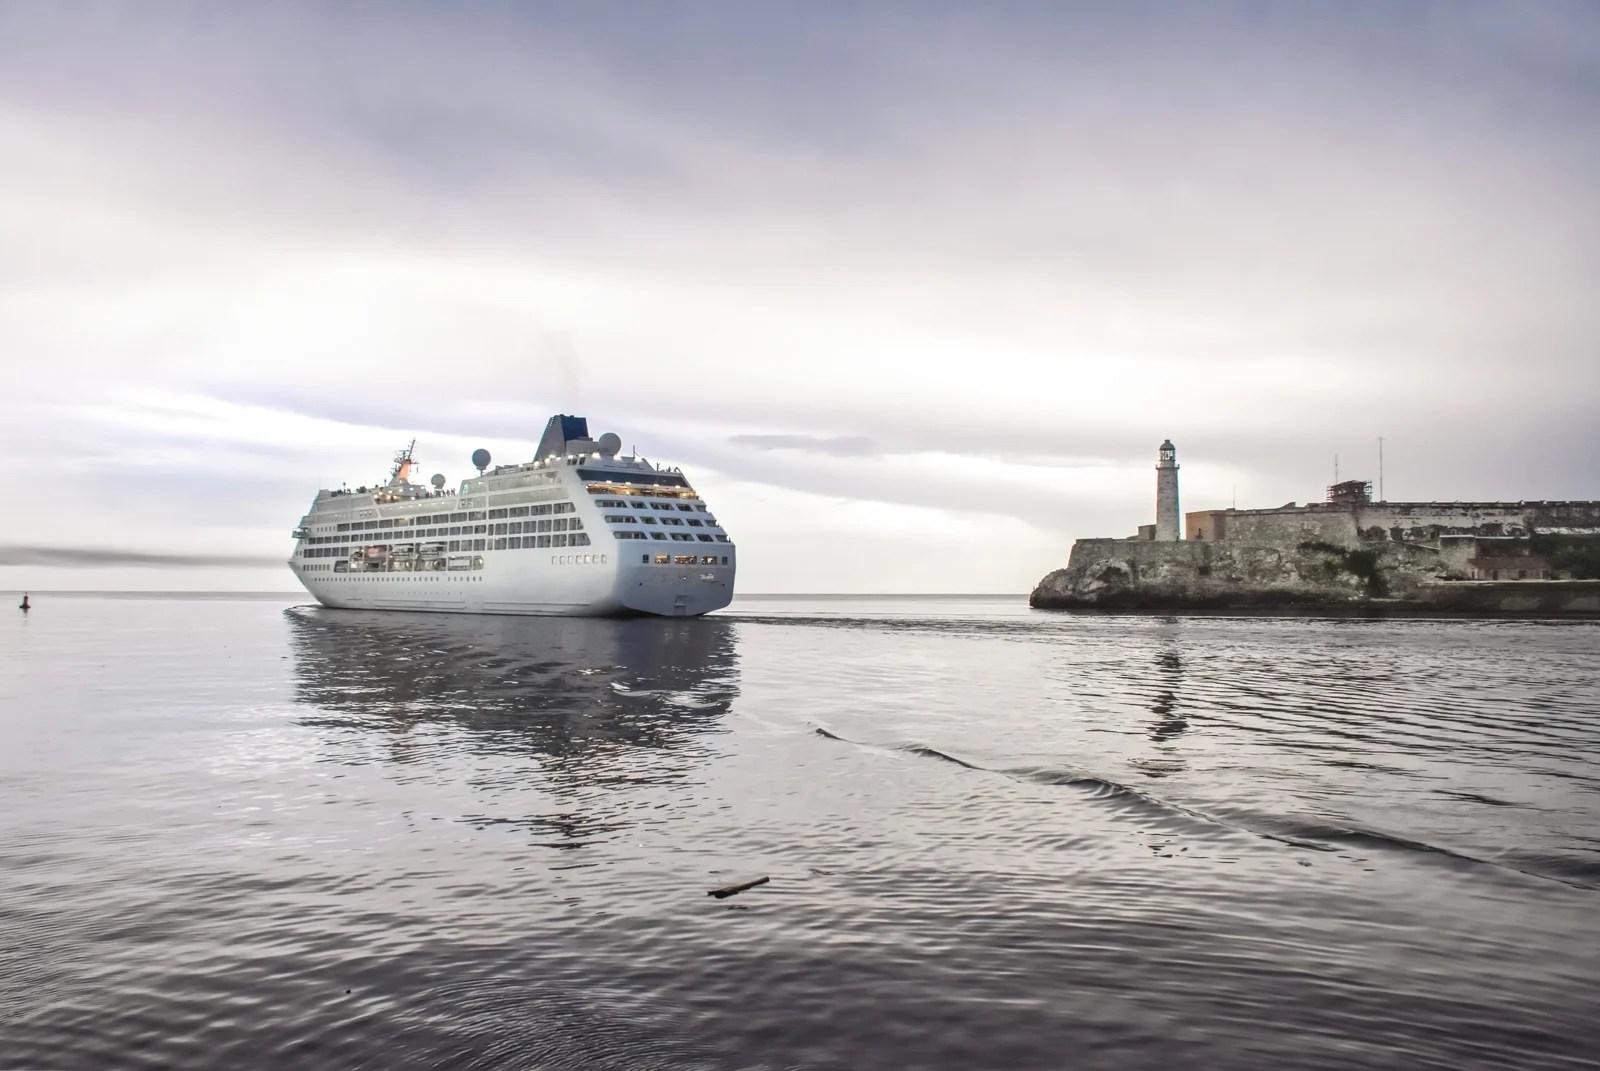 Cruise ship havana leaving